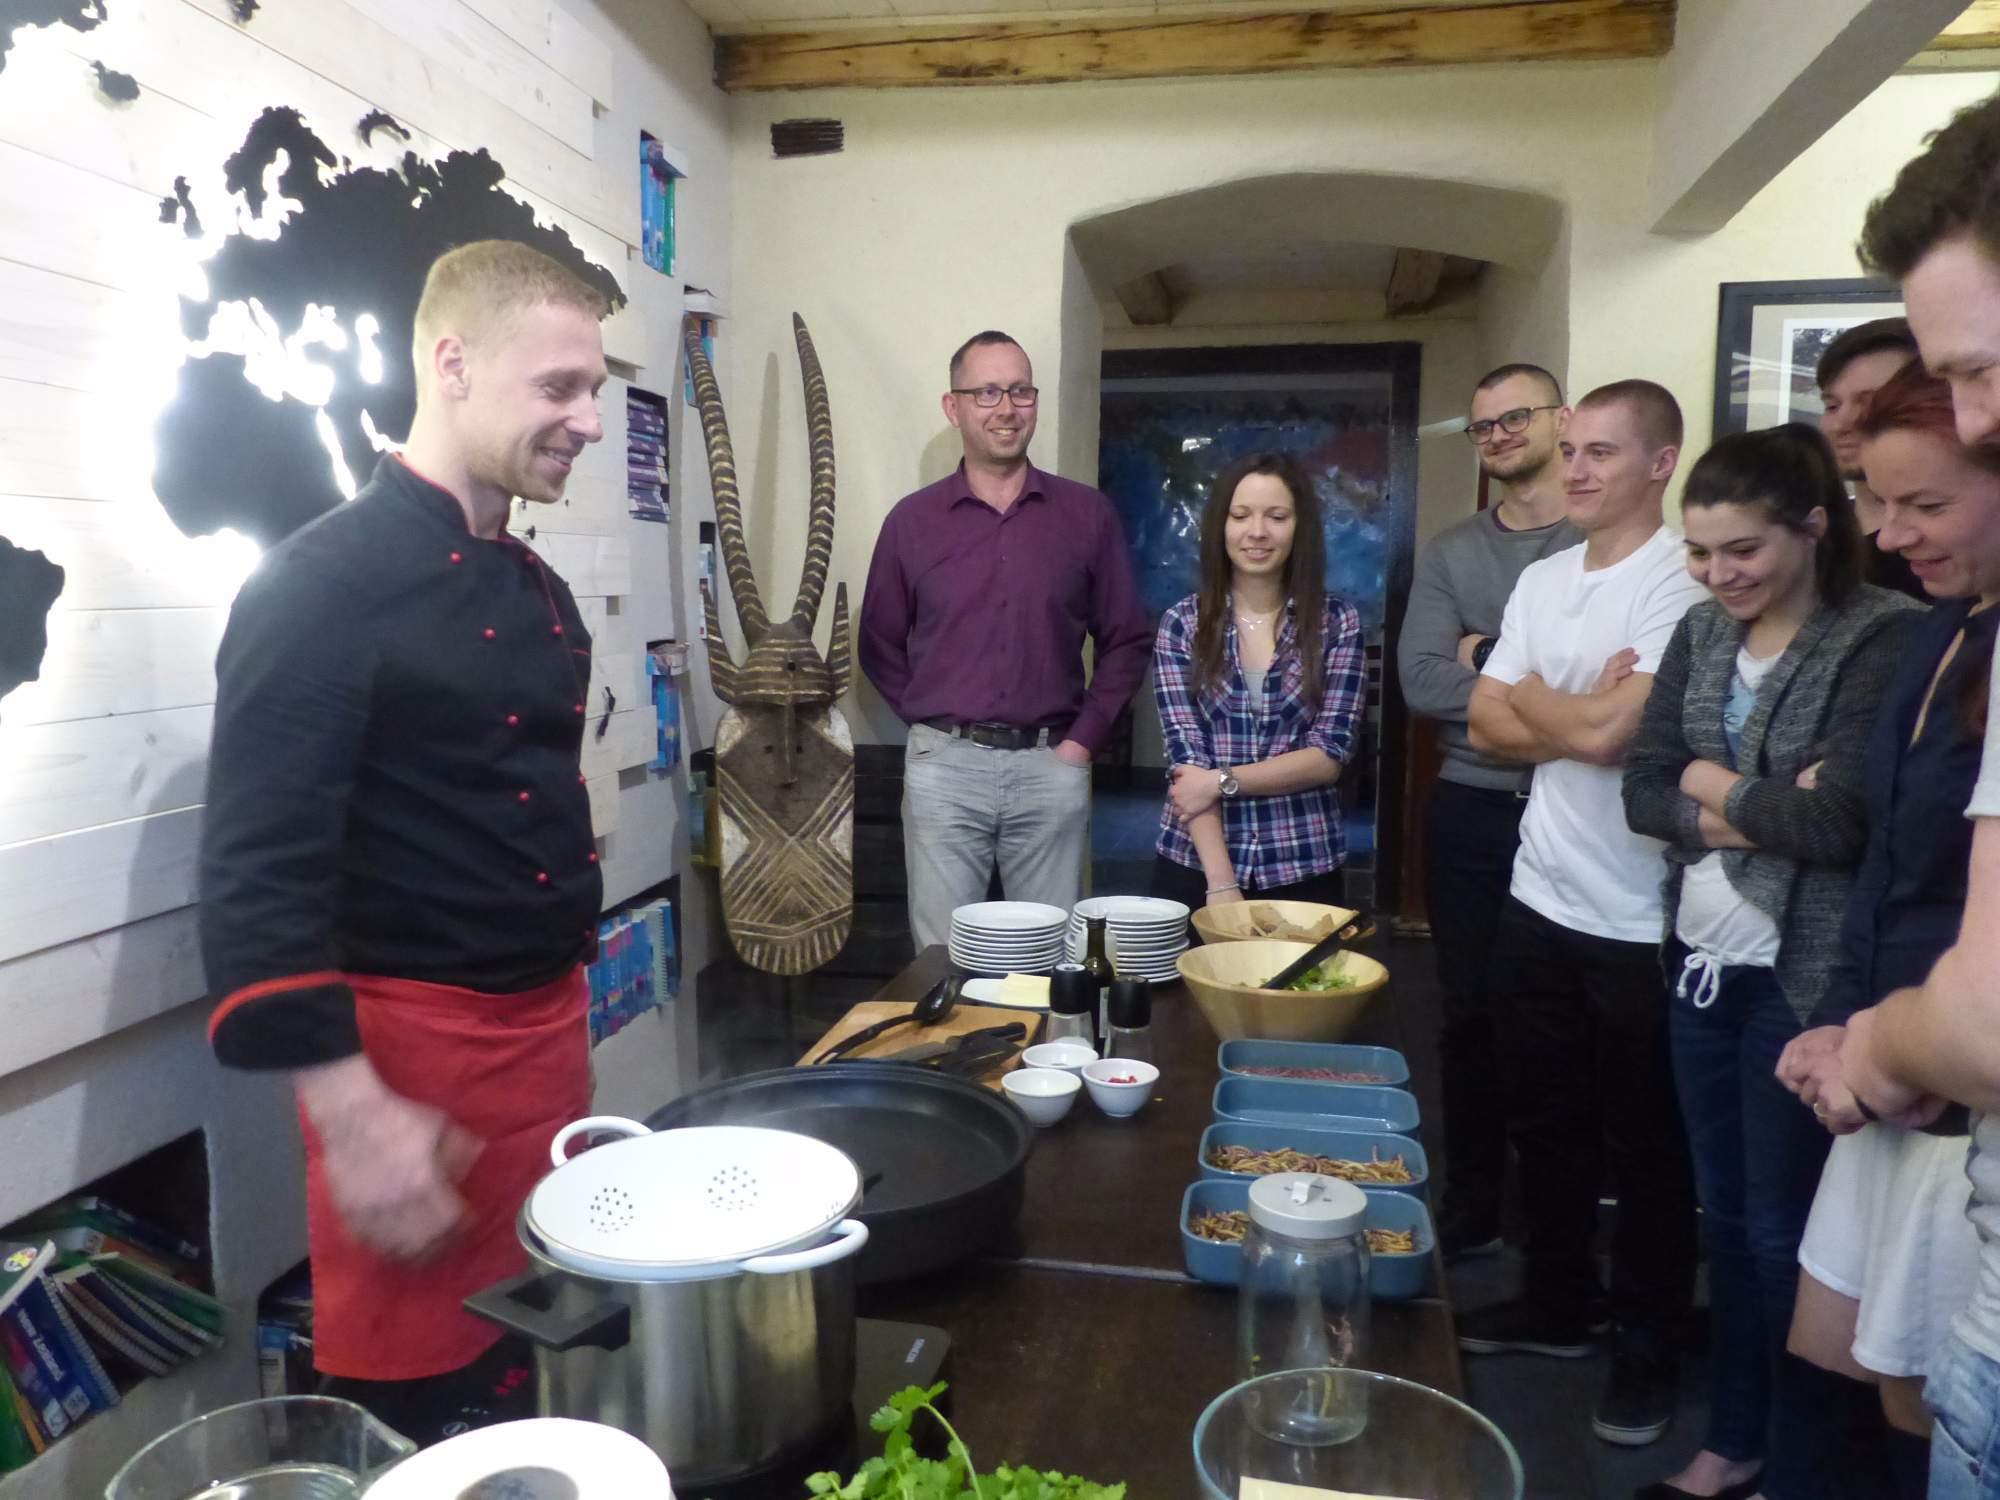 Šéfkuchař seznamuje hosty s jejich stále ještě živou večeří.